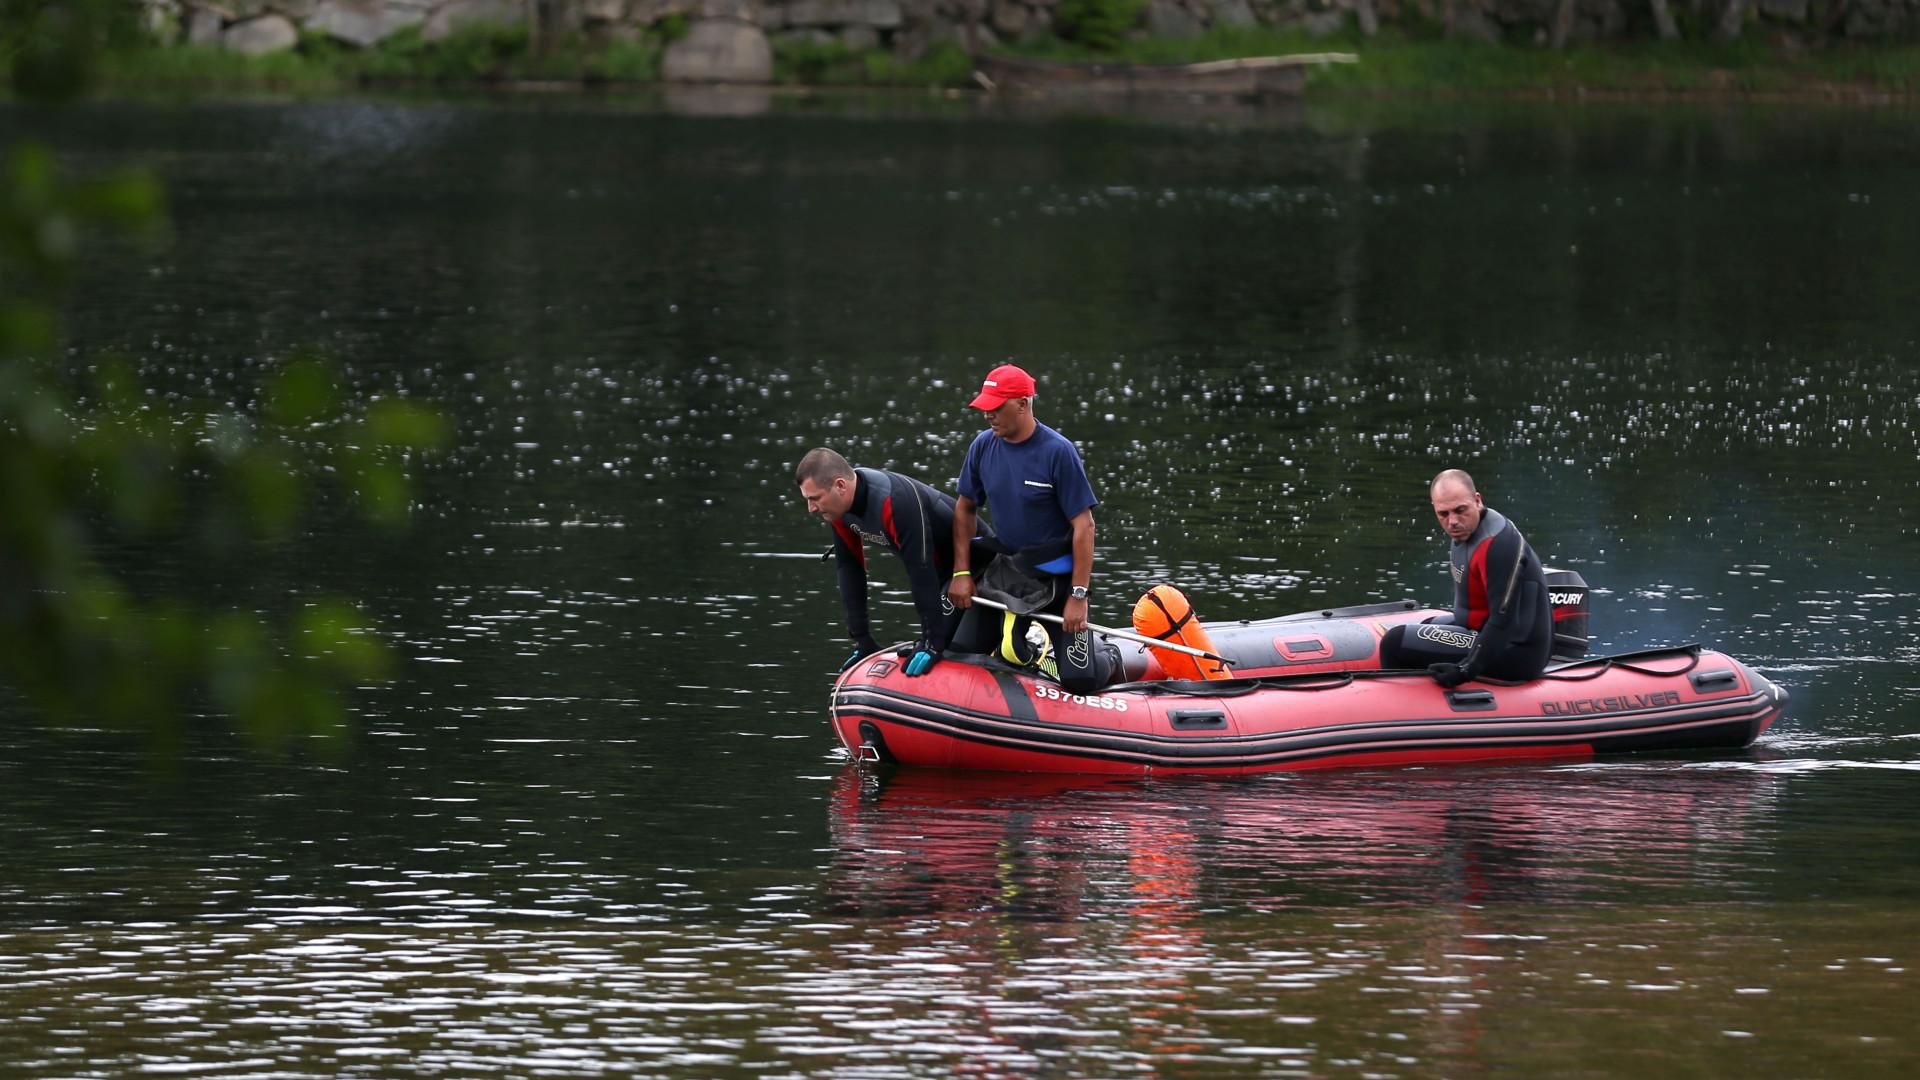 Encontrado o cadáver de um dos homens desaparecidos na Barragem do Pisão